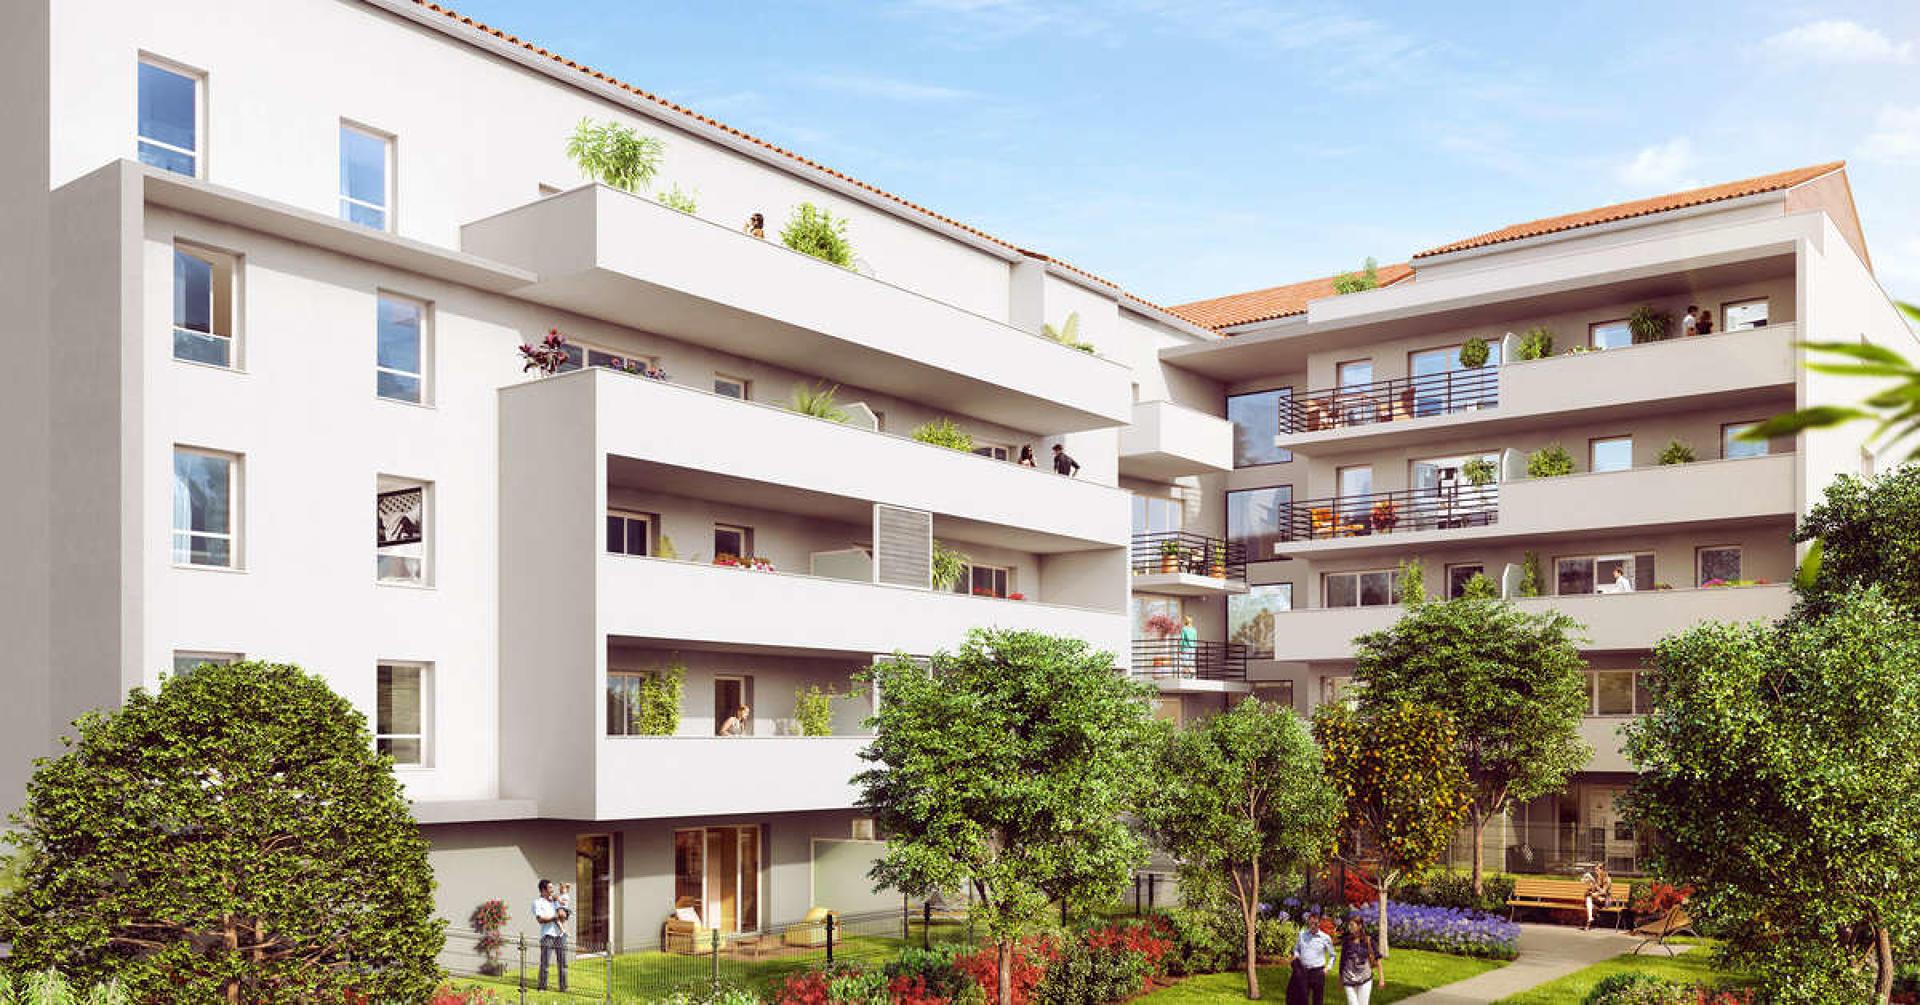 Programme immobilier Marseille 10ème (13010) Quartier de La Timone BOW17